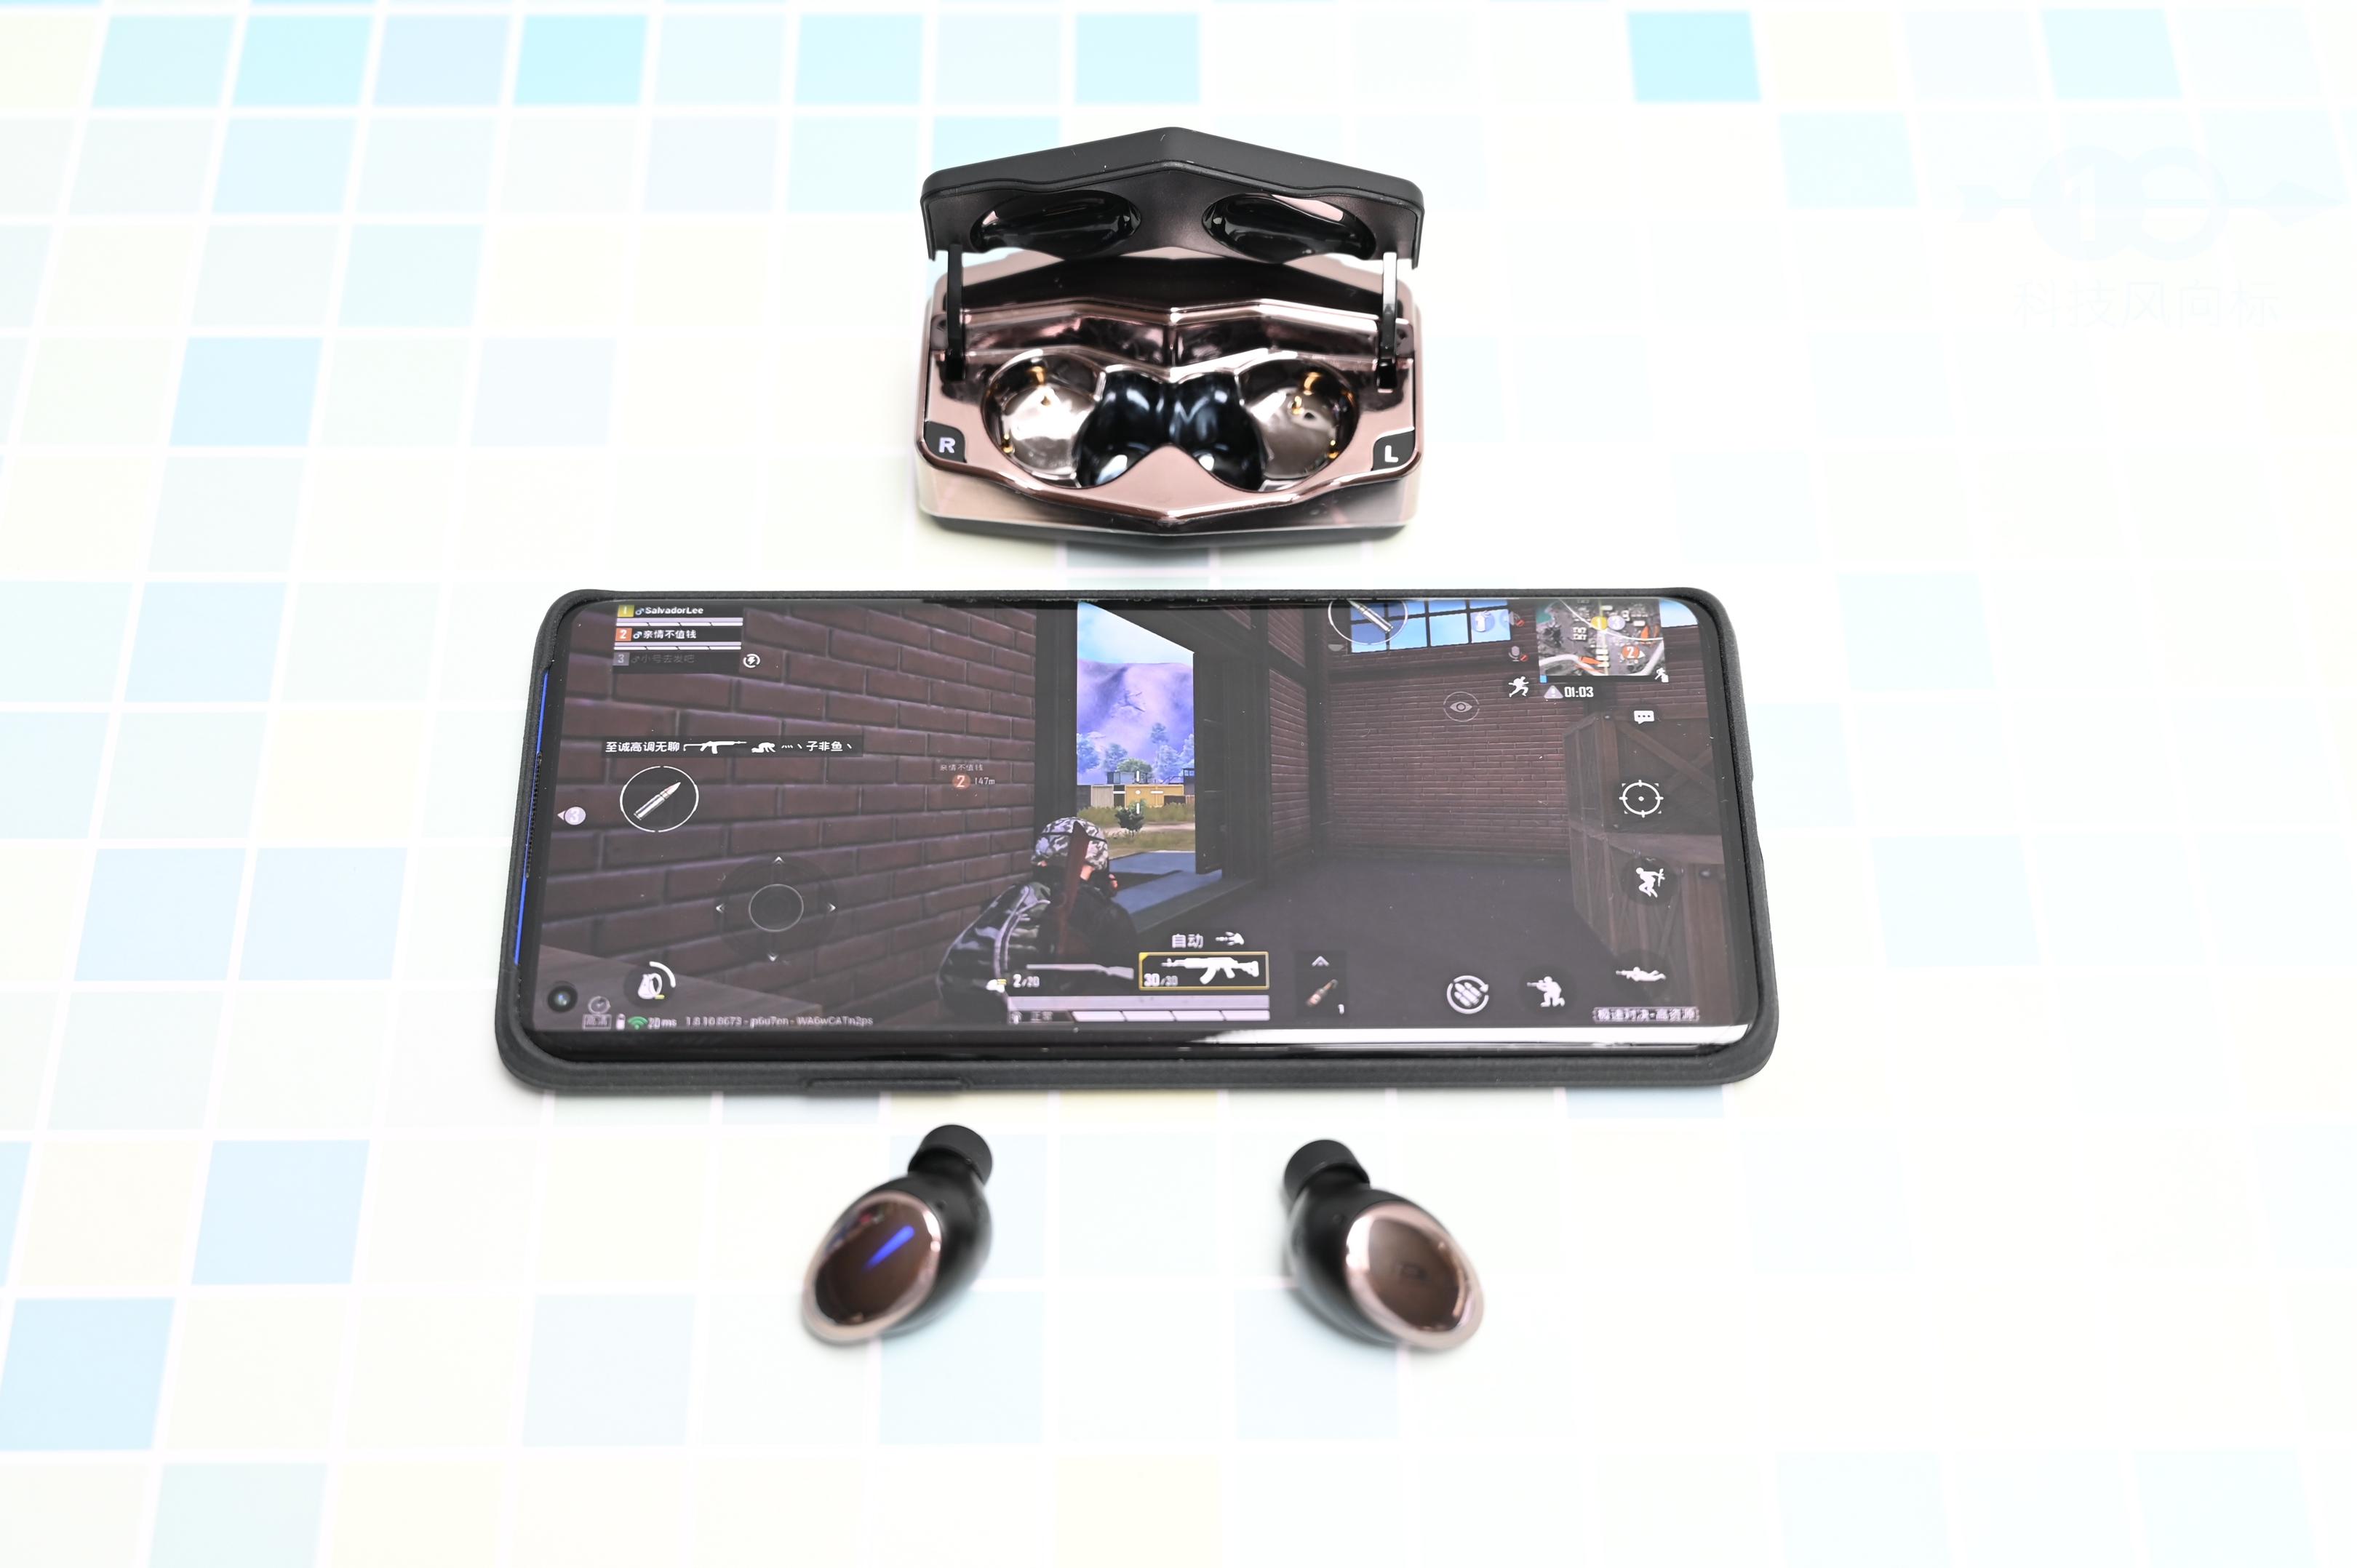 自带战斗光环的TWS耳机,轻巧吃鸡,iWALK战神游戏耳机体验